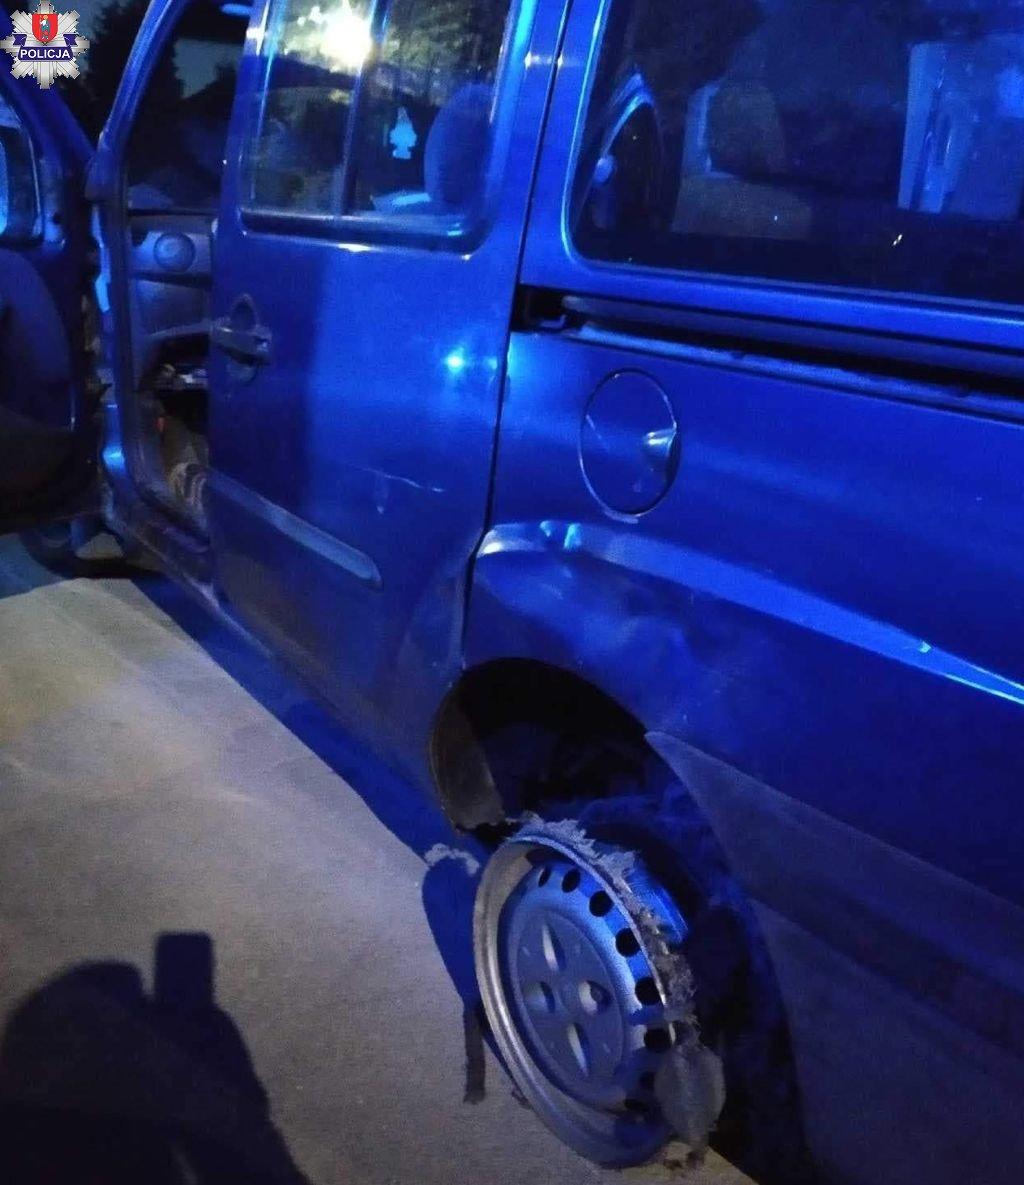 361 184672 ZAMOŚĆ: Pijany kierowca jechał bez świateł i ... opony. Spod auta sypały się iskry.